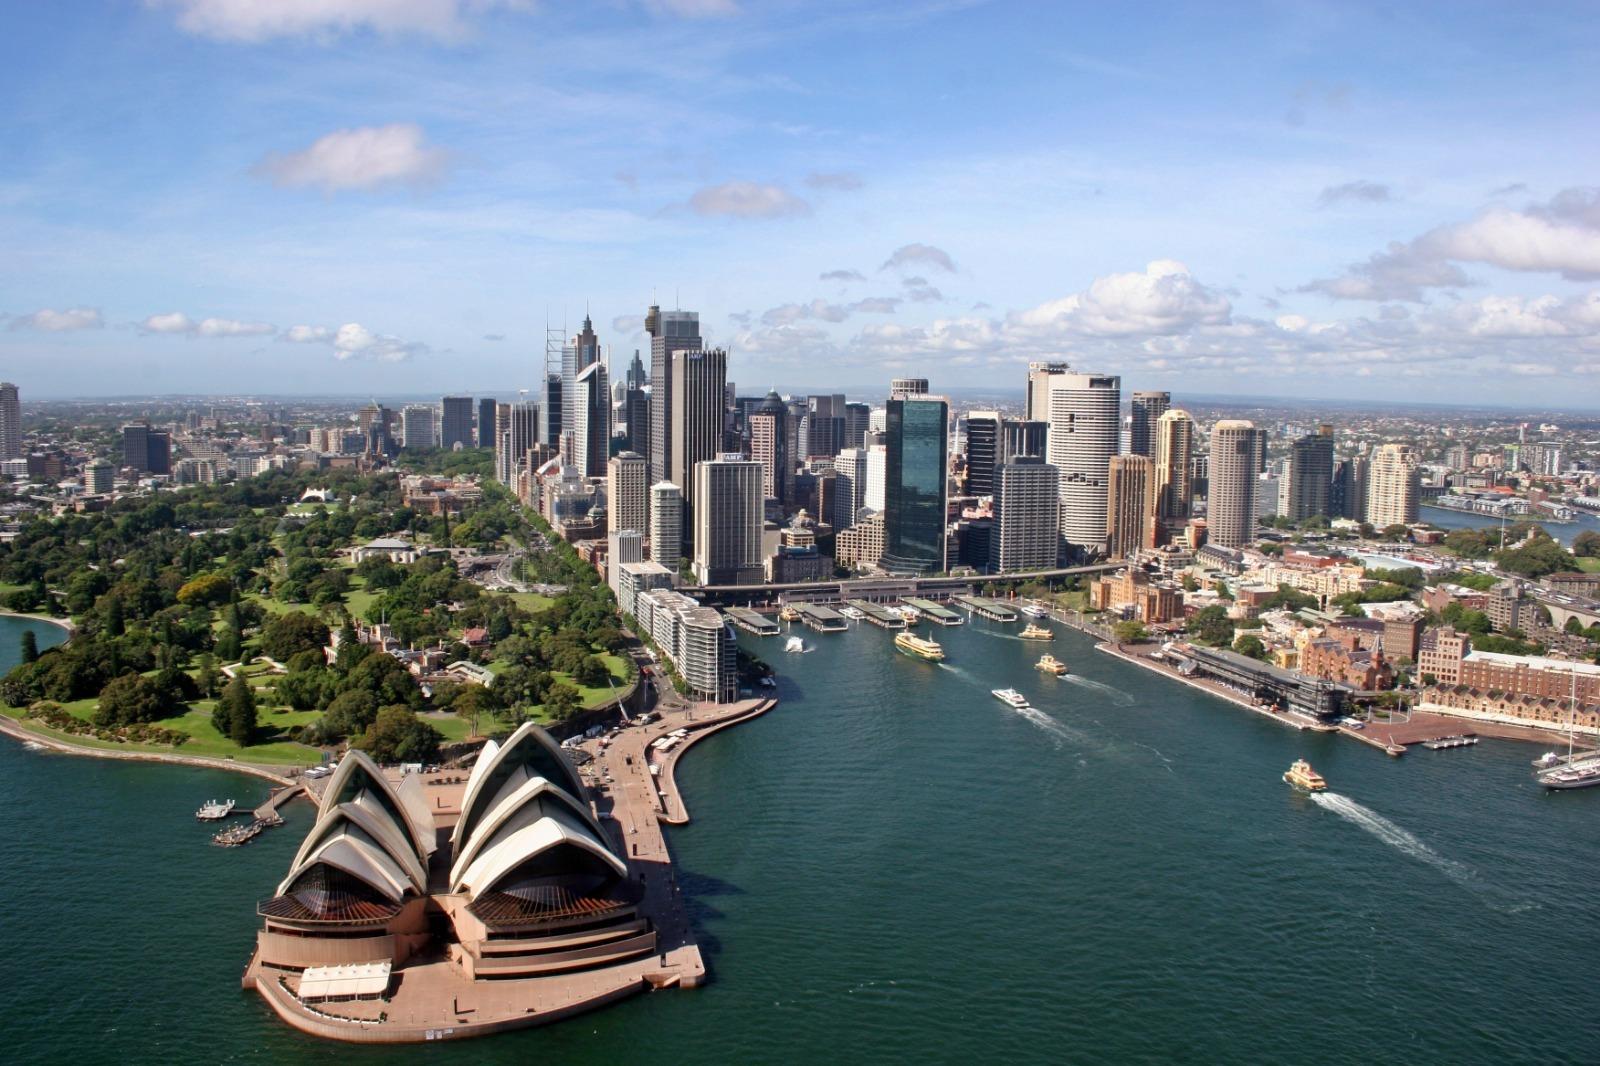 australia03-1600095314.jpg